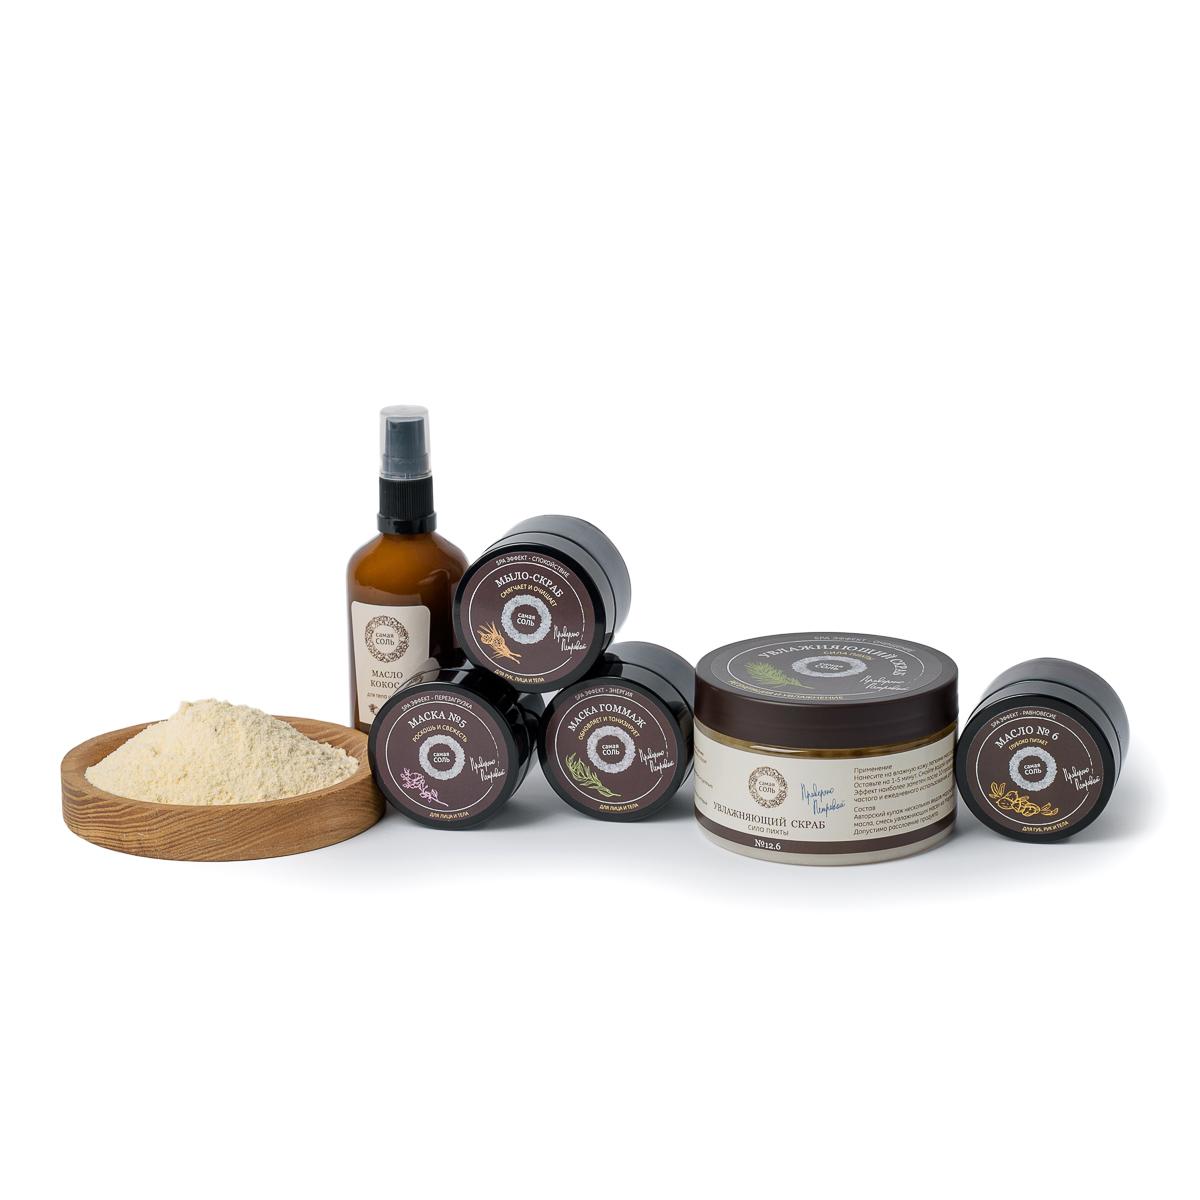 Ресурсный набор для принятия ванн с солью: для питания кожи, для умывания, маска для лица, скраб и освежающий пилинг.